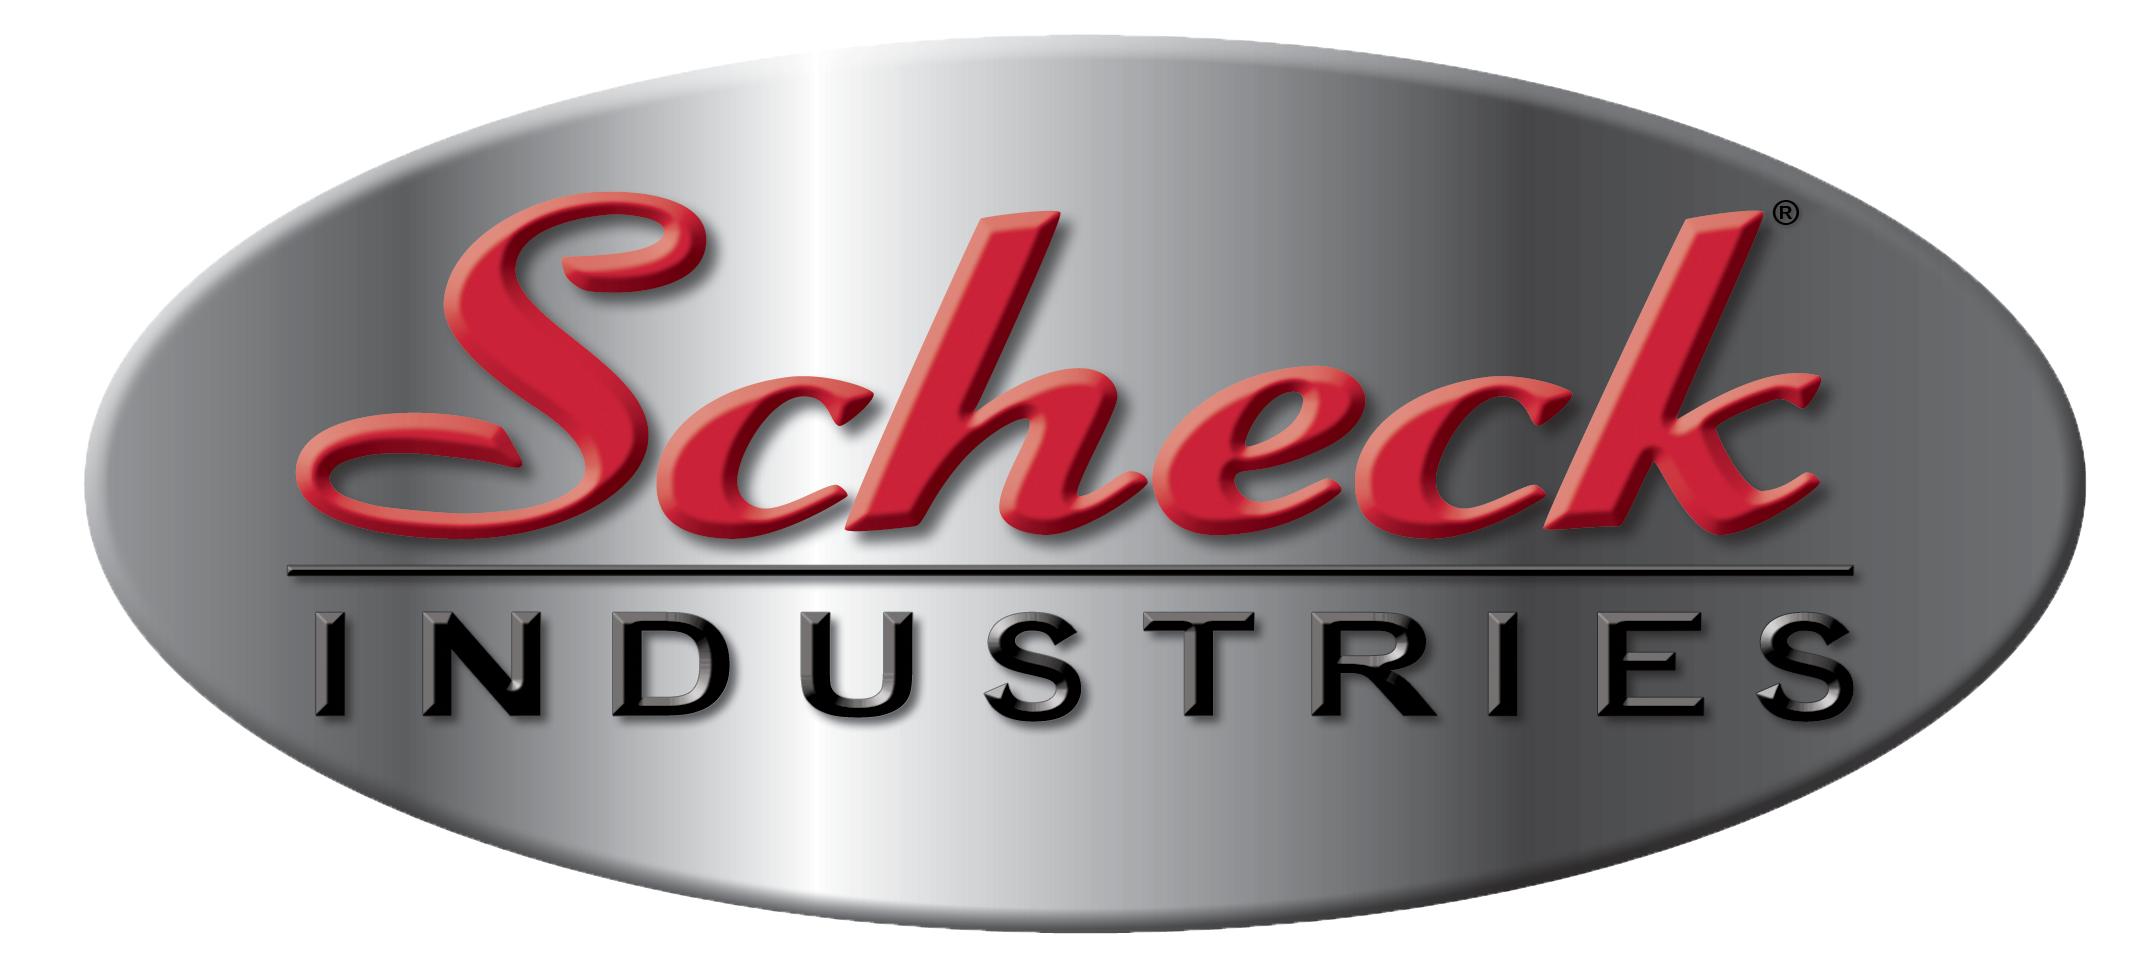 Scheck Industries